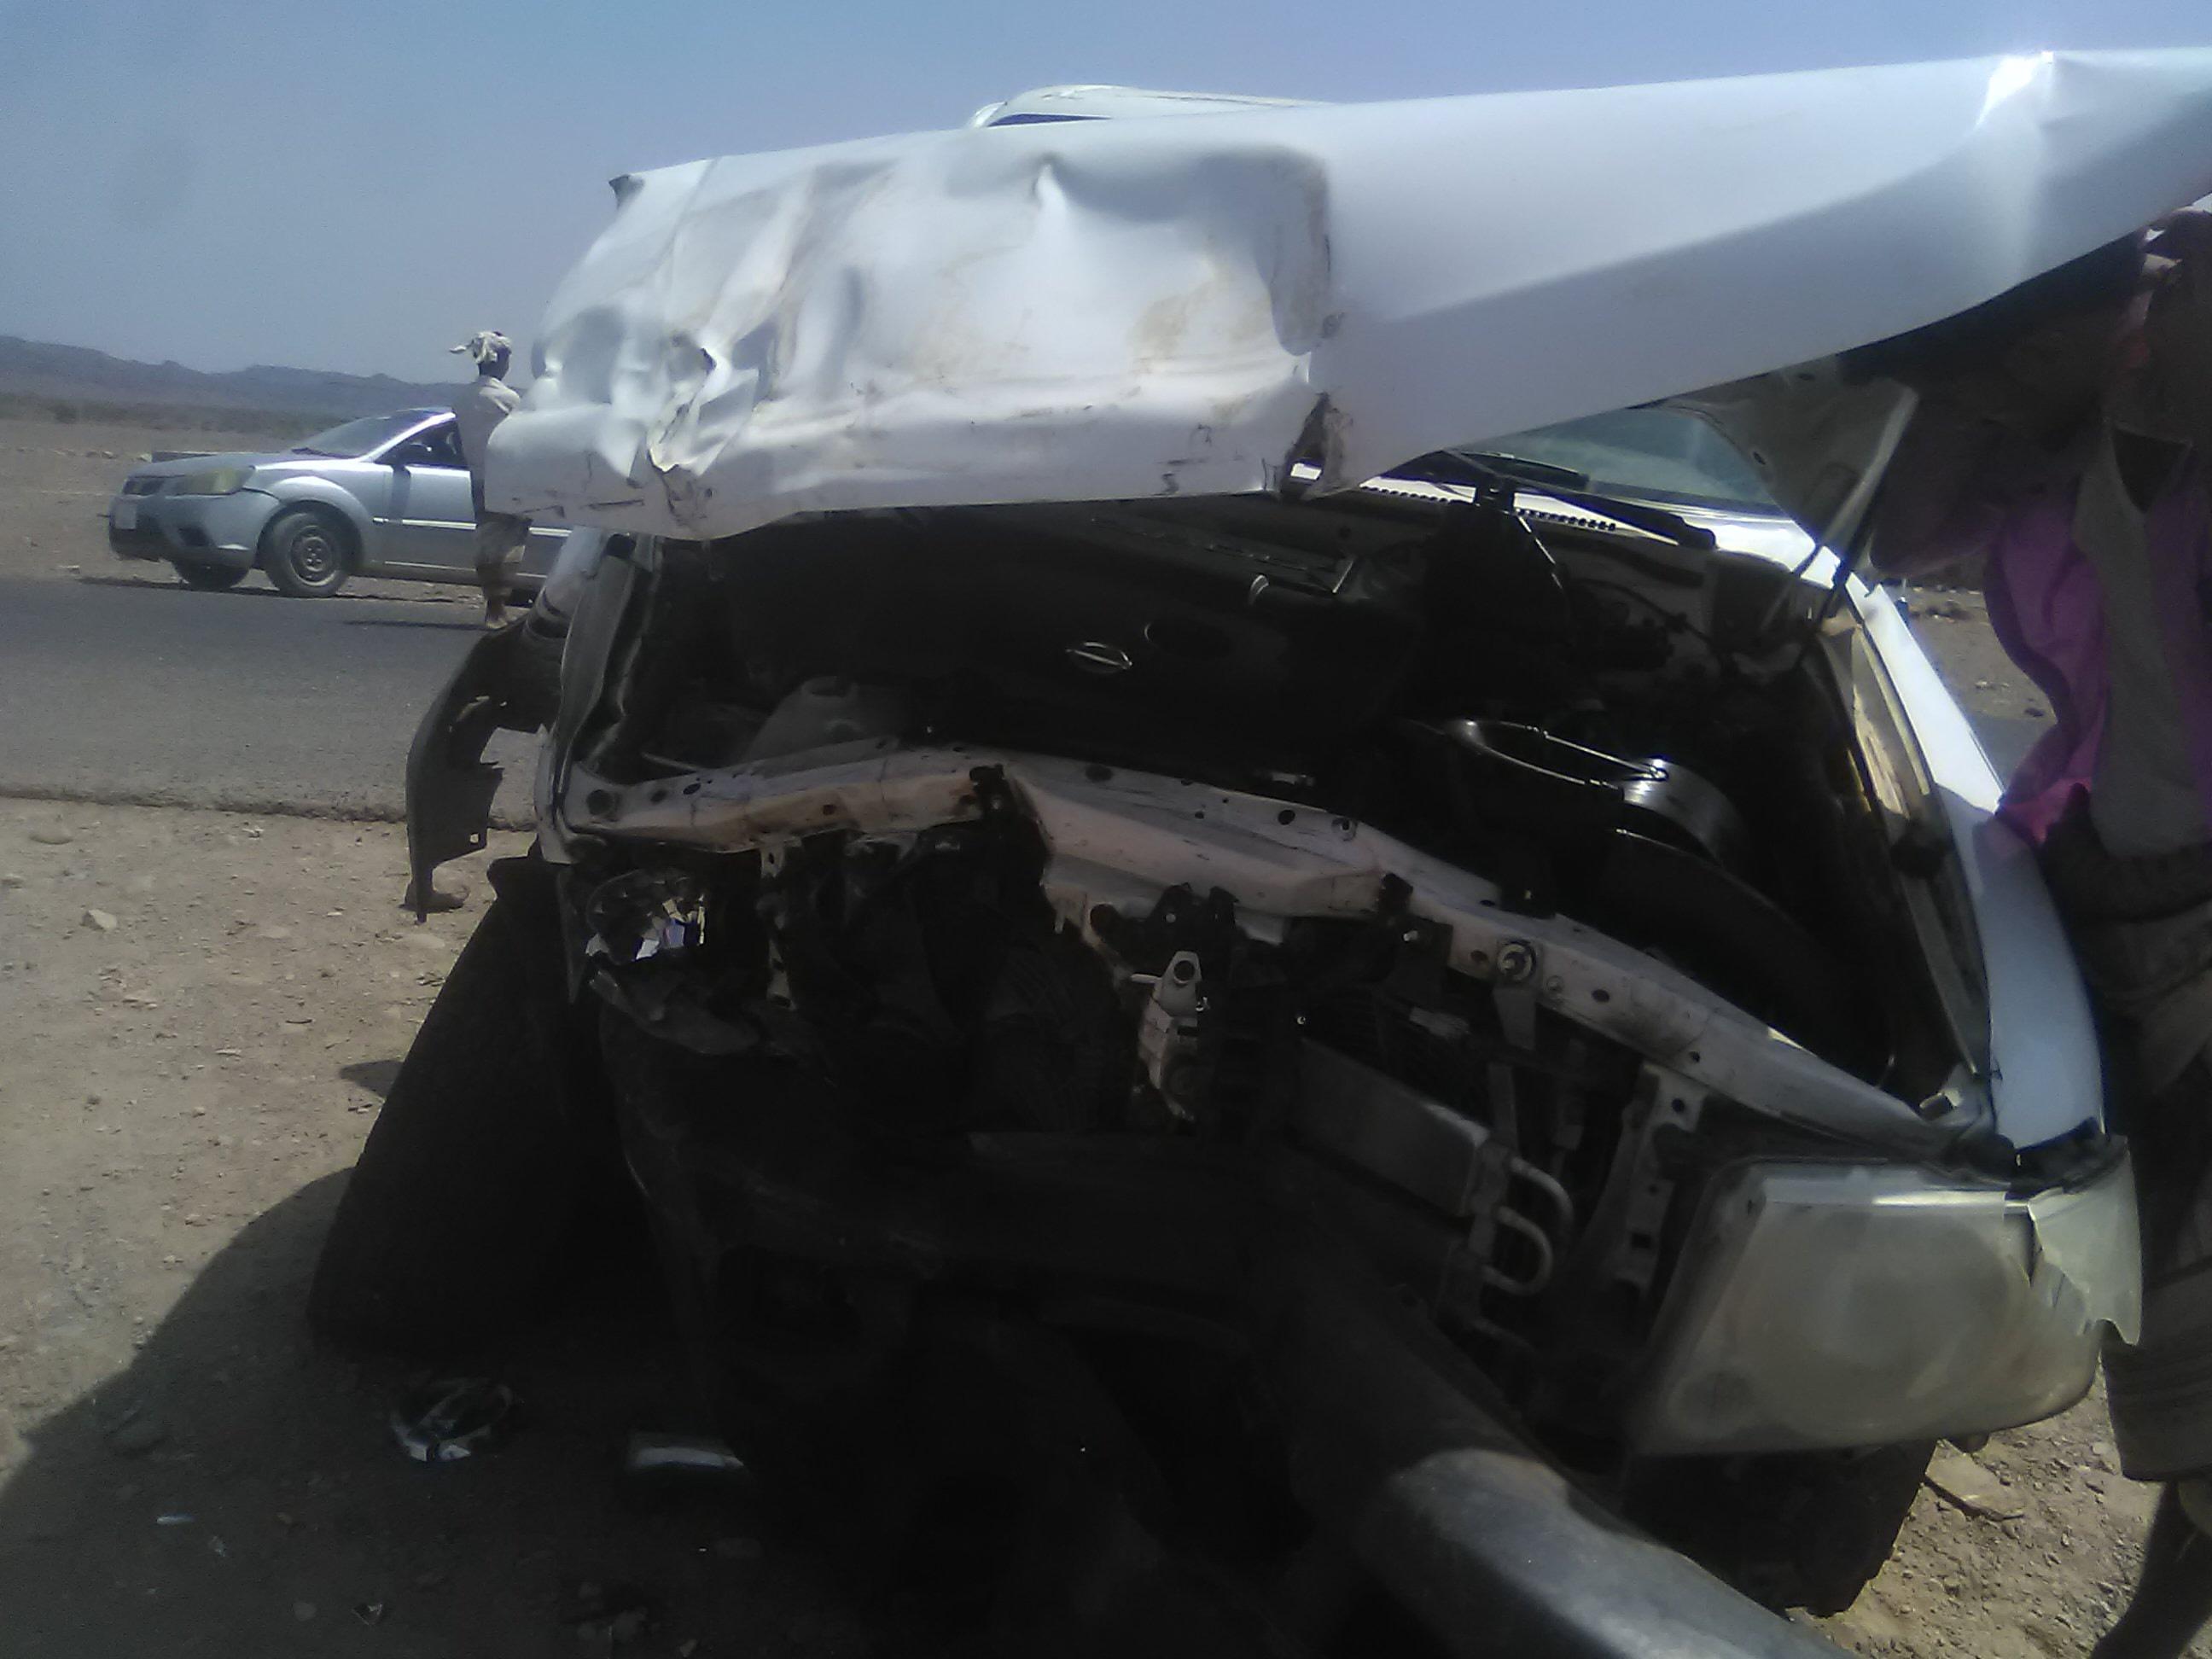 ثلاث شخصيات من لحج ينجون من حادث مروري مروع